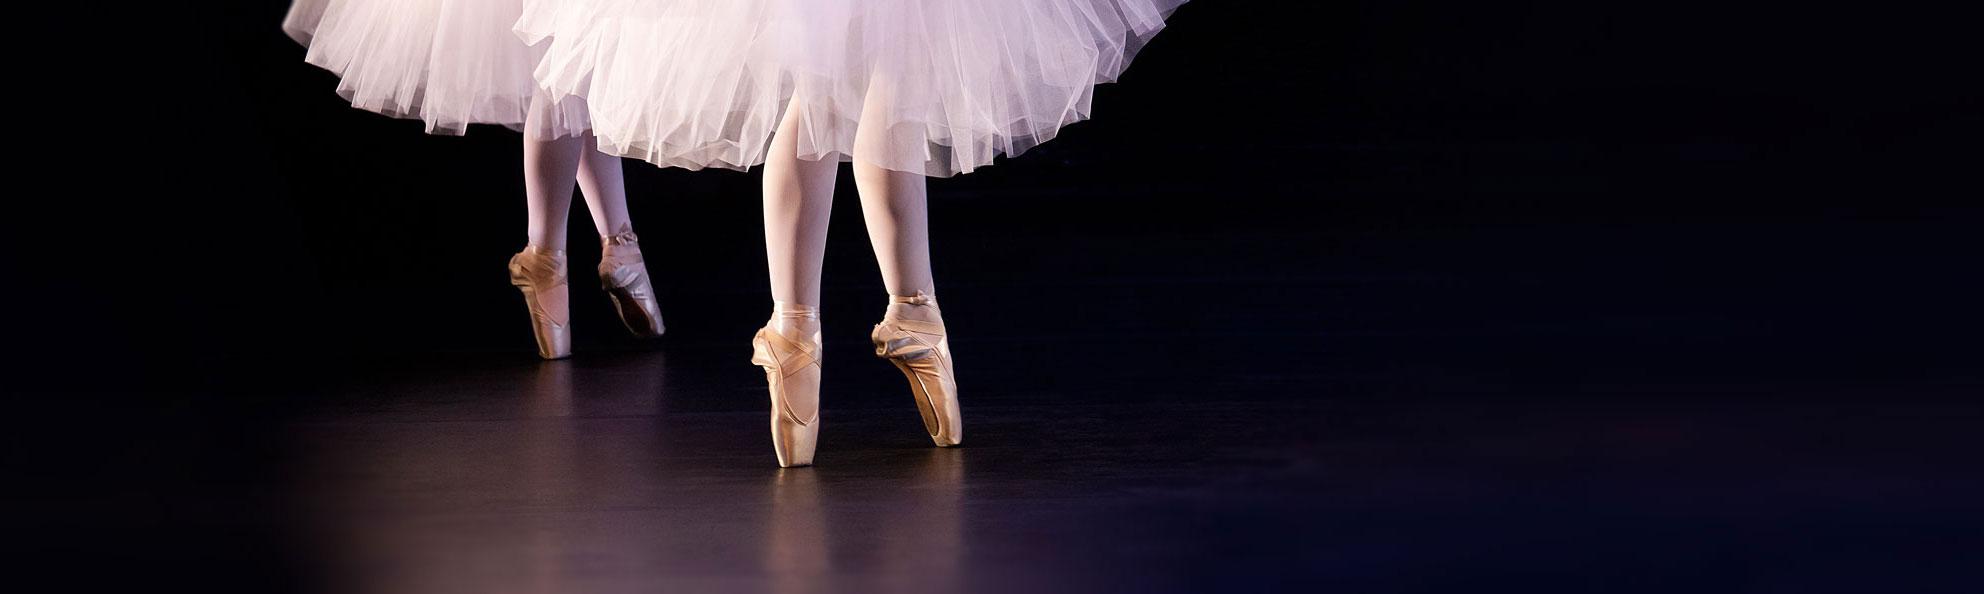 slide-Ballet-02